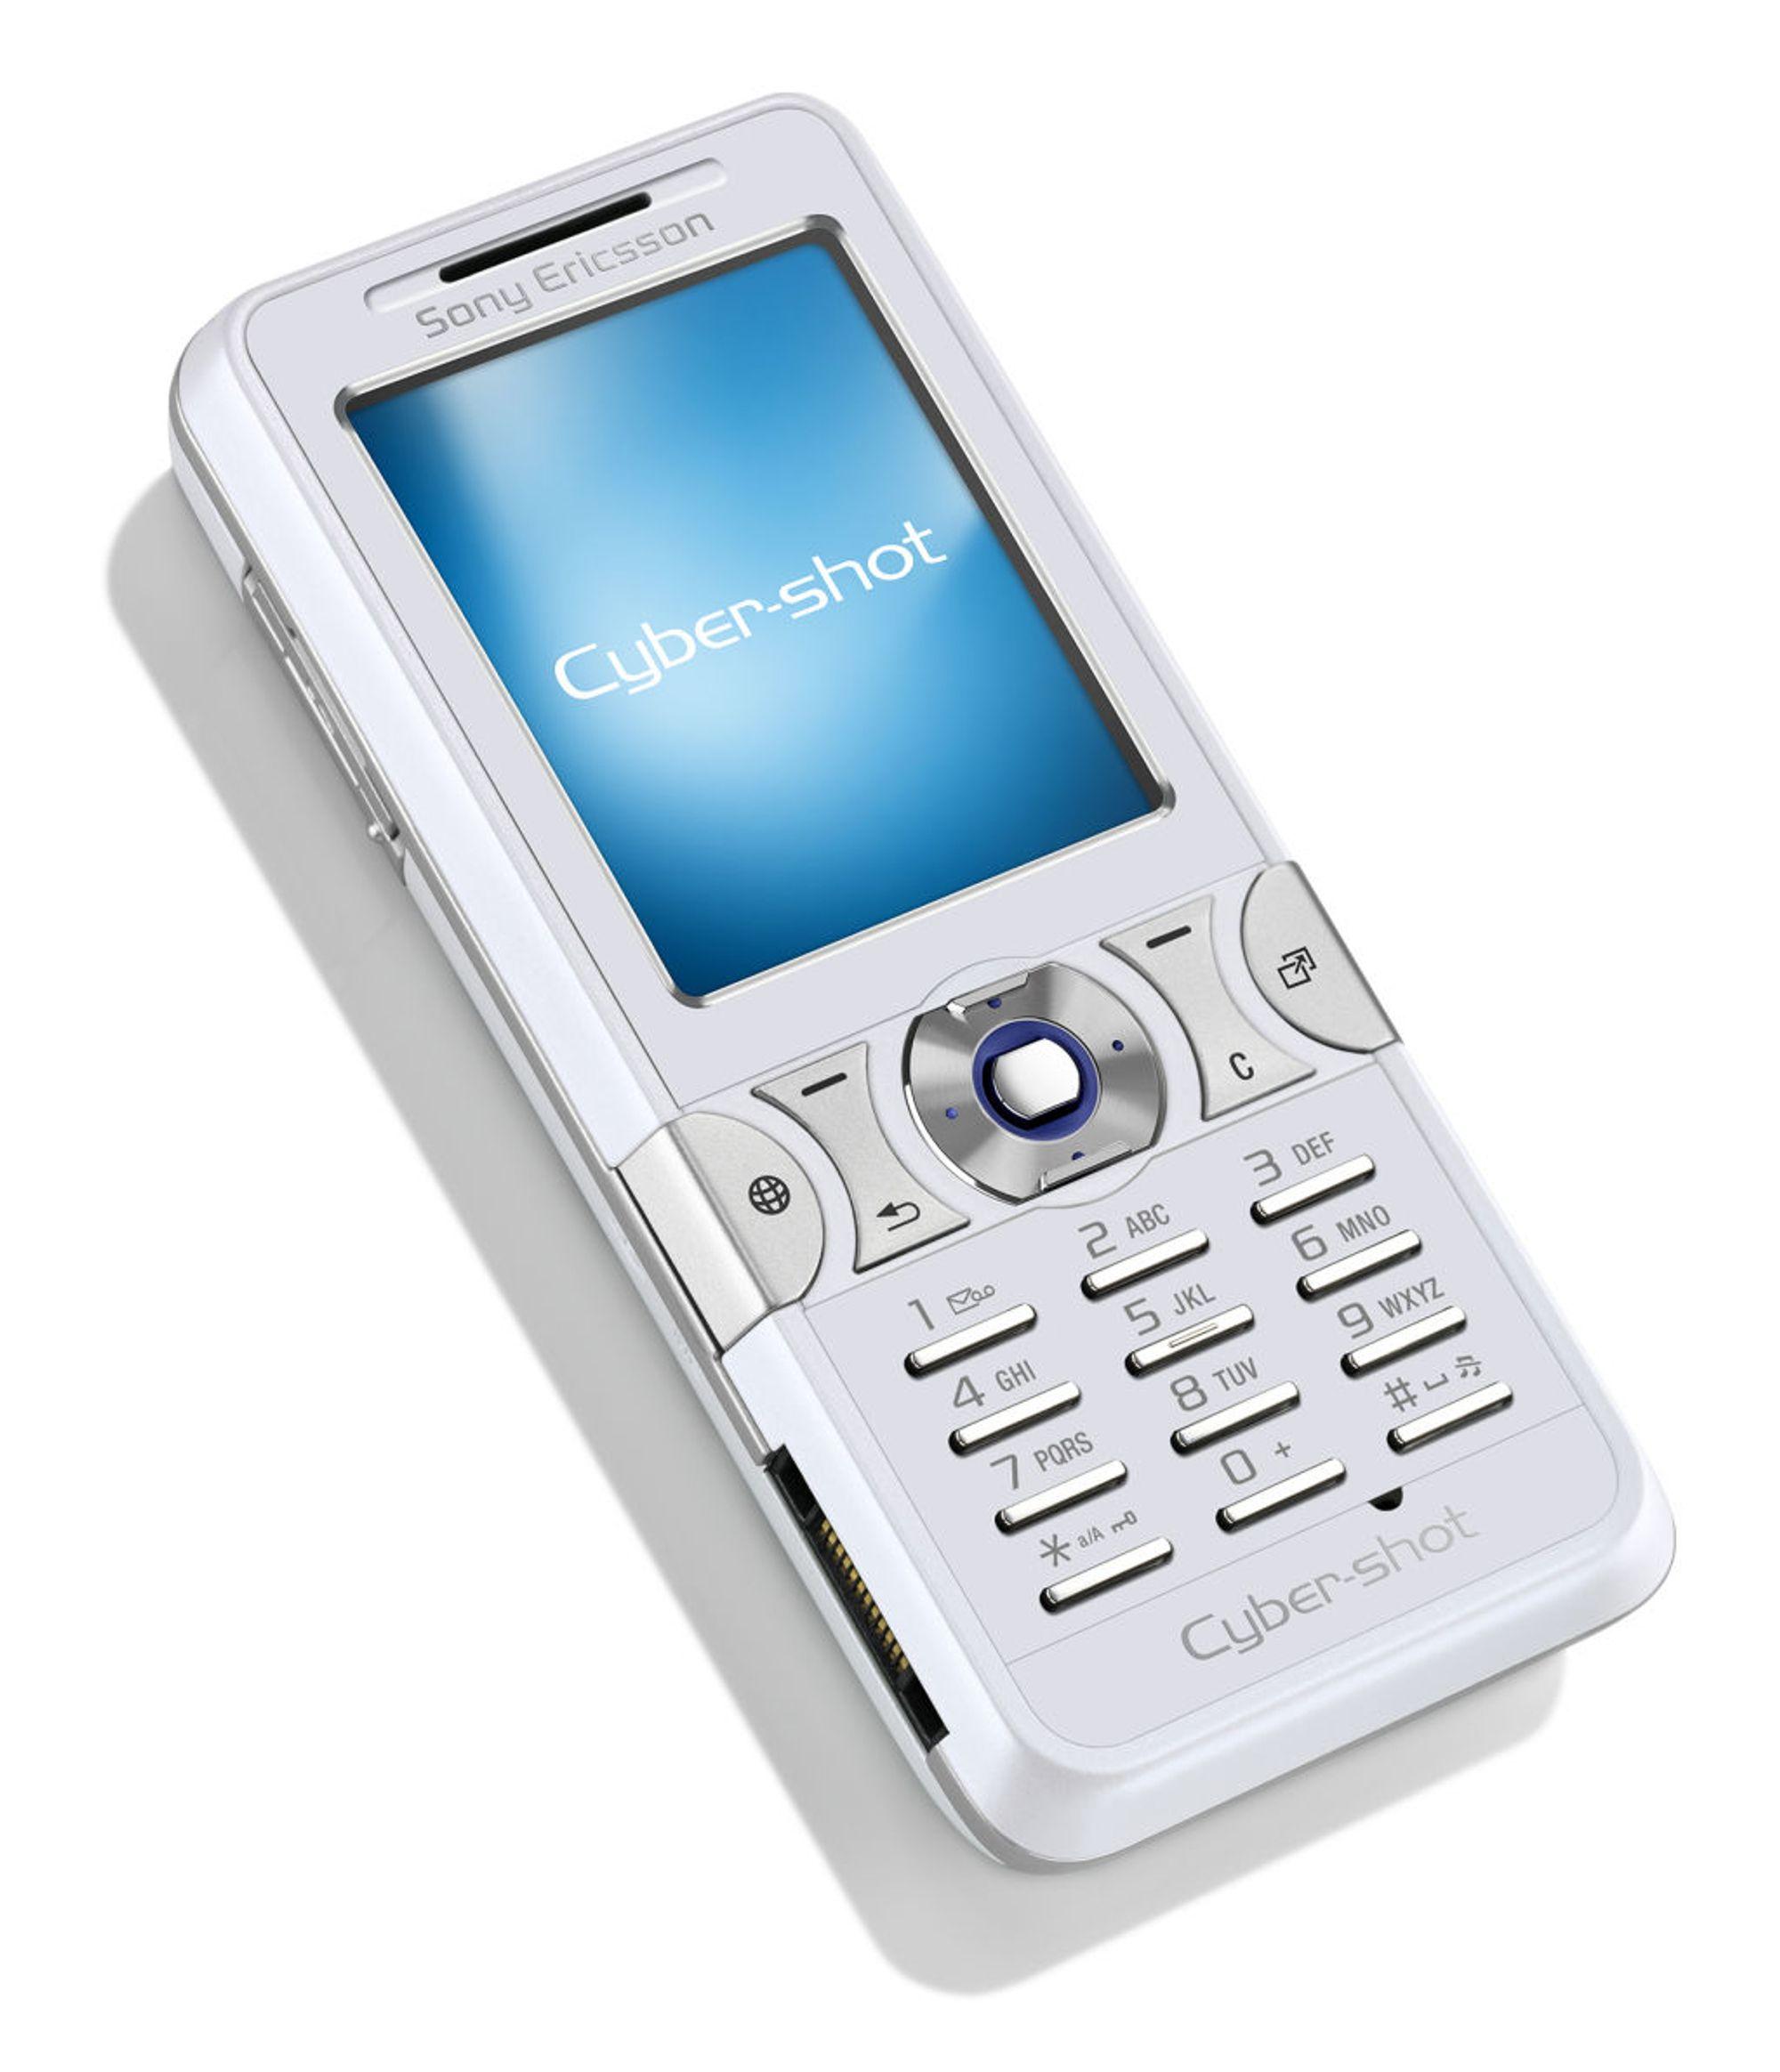 mobiltelefon best i test norsk chatteside